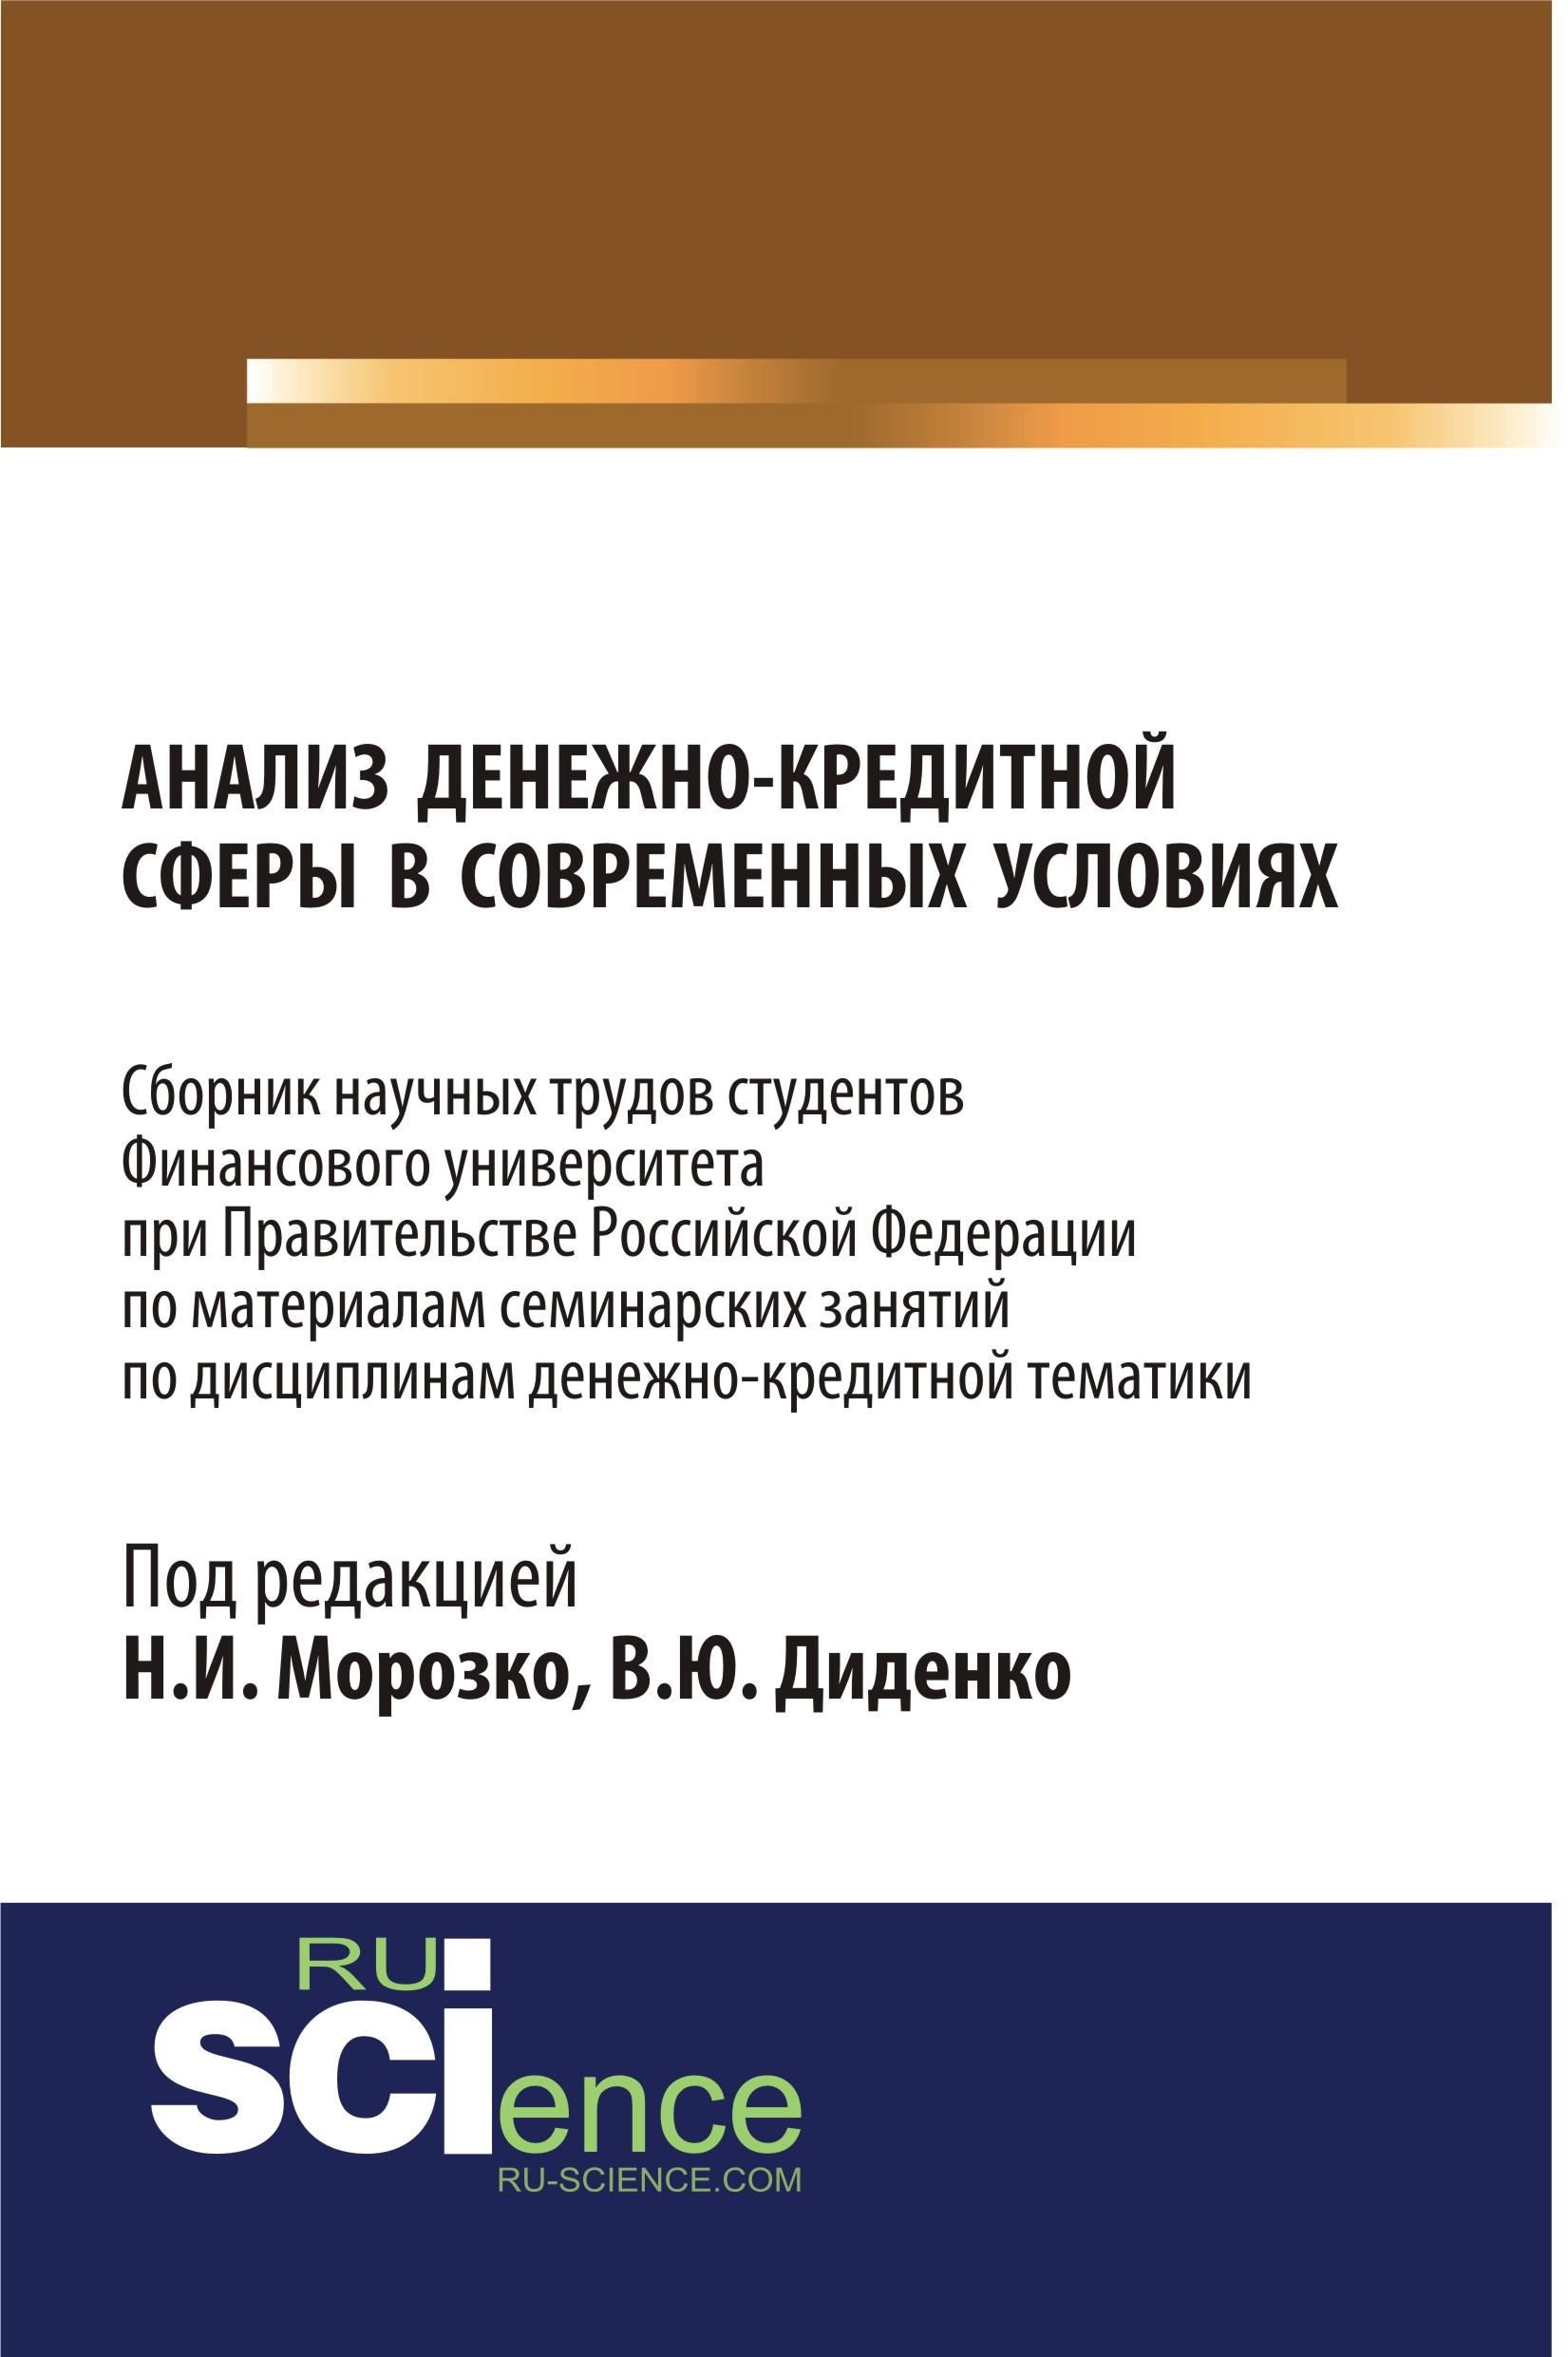 Анализ денежно-кредитной сферы в современных условиях: сборник научных трудов